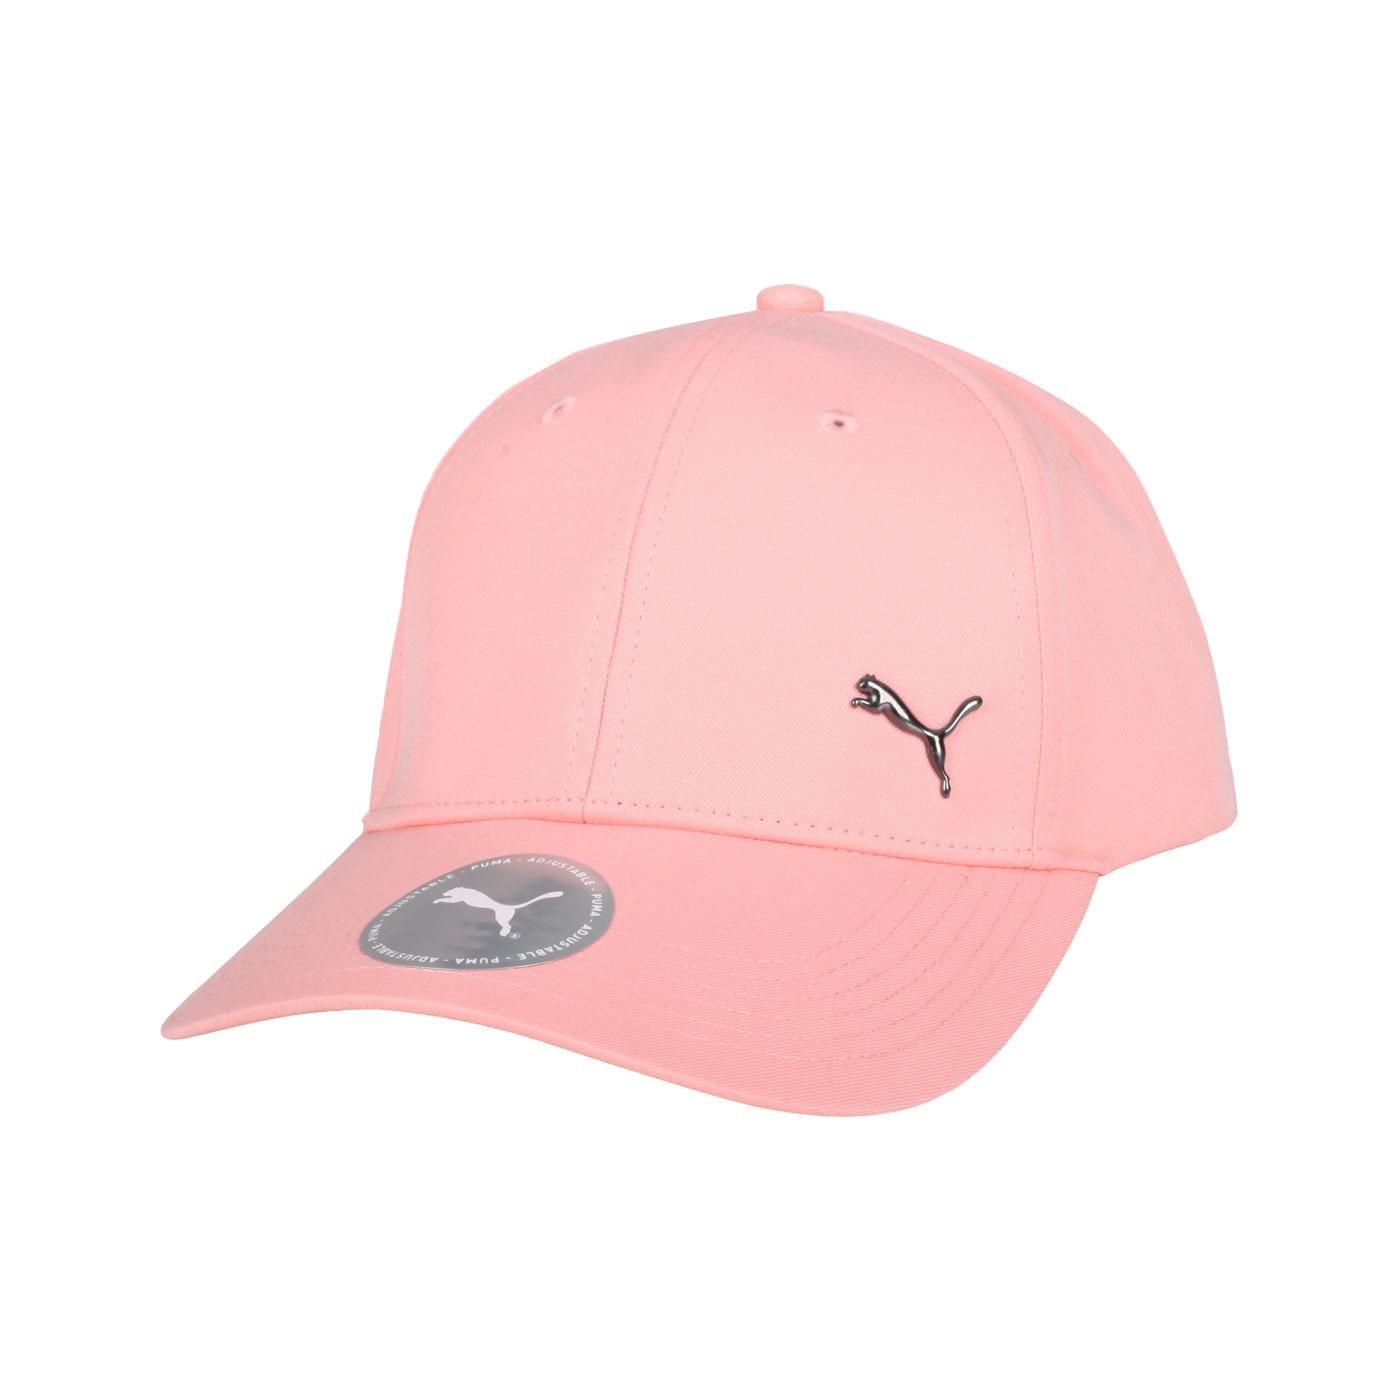 PUMA 基本系列棒球帽 02126939 - 粉橘黑